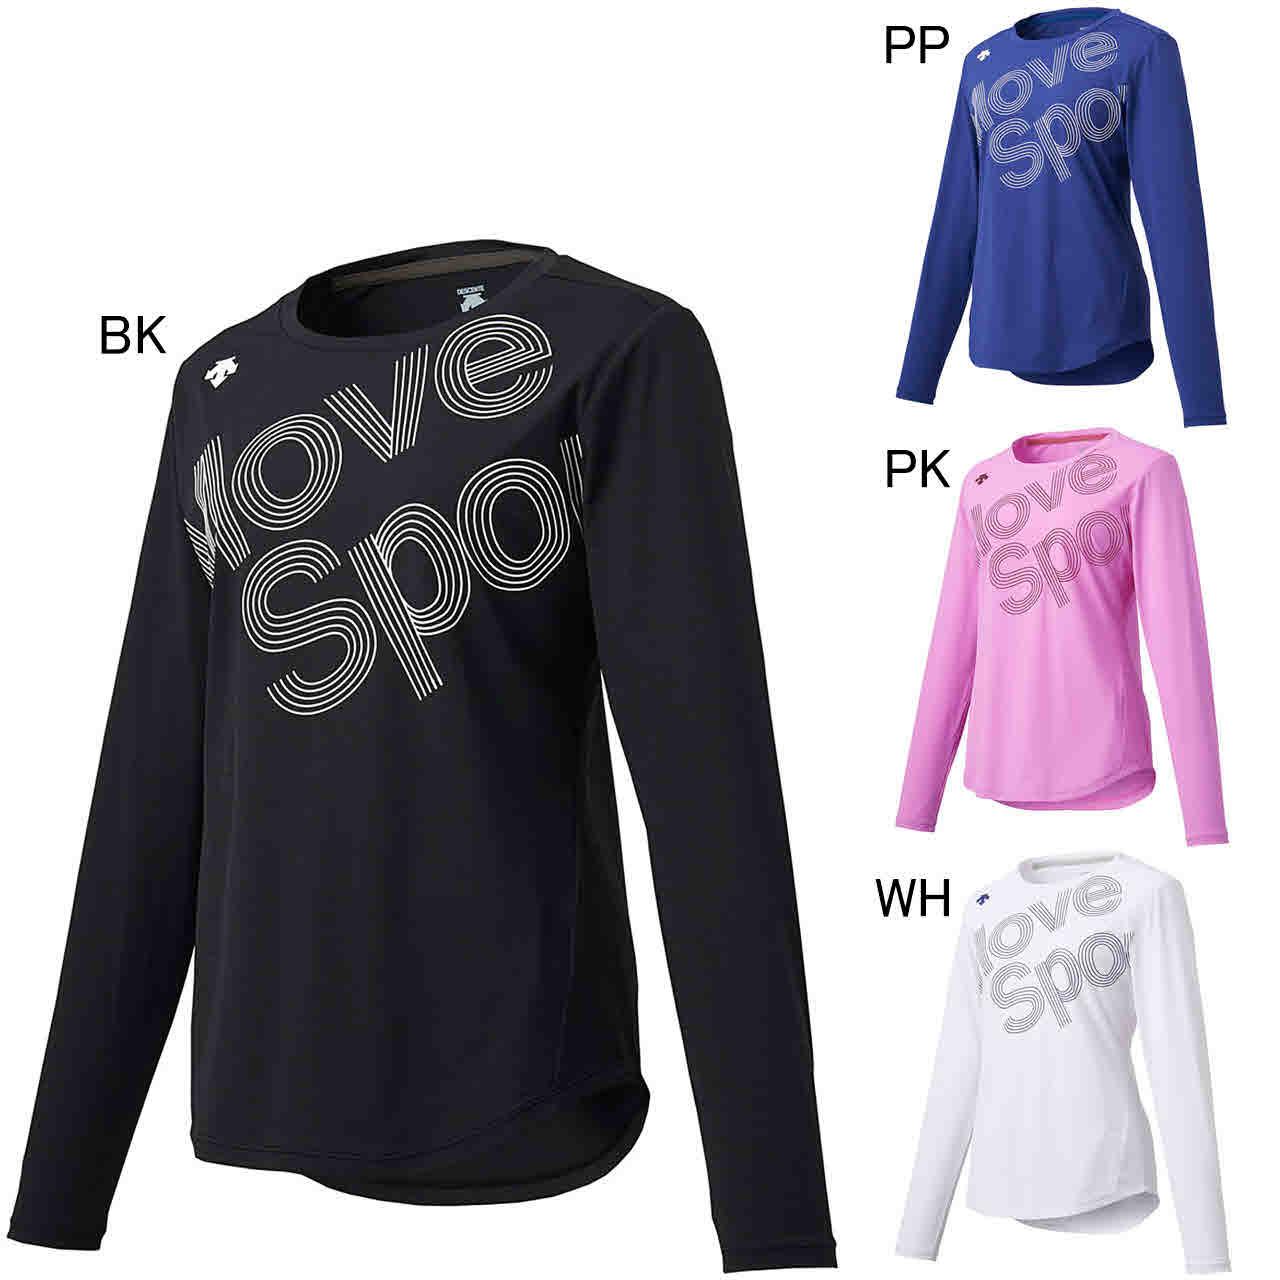 デサント エクササイズ フィットネス シャツ トップス レディース レディース サンスクリーン 長袖Tシャツ DMWOJB50